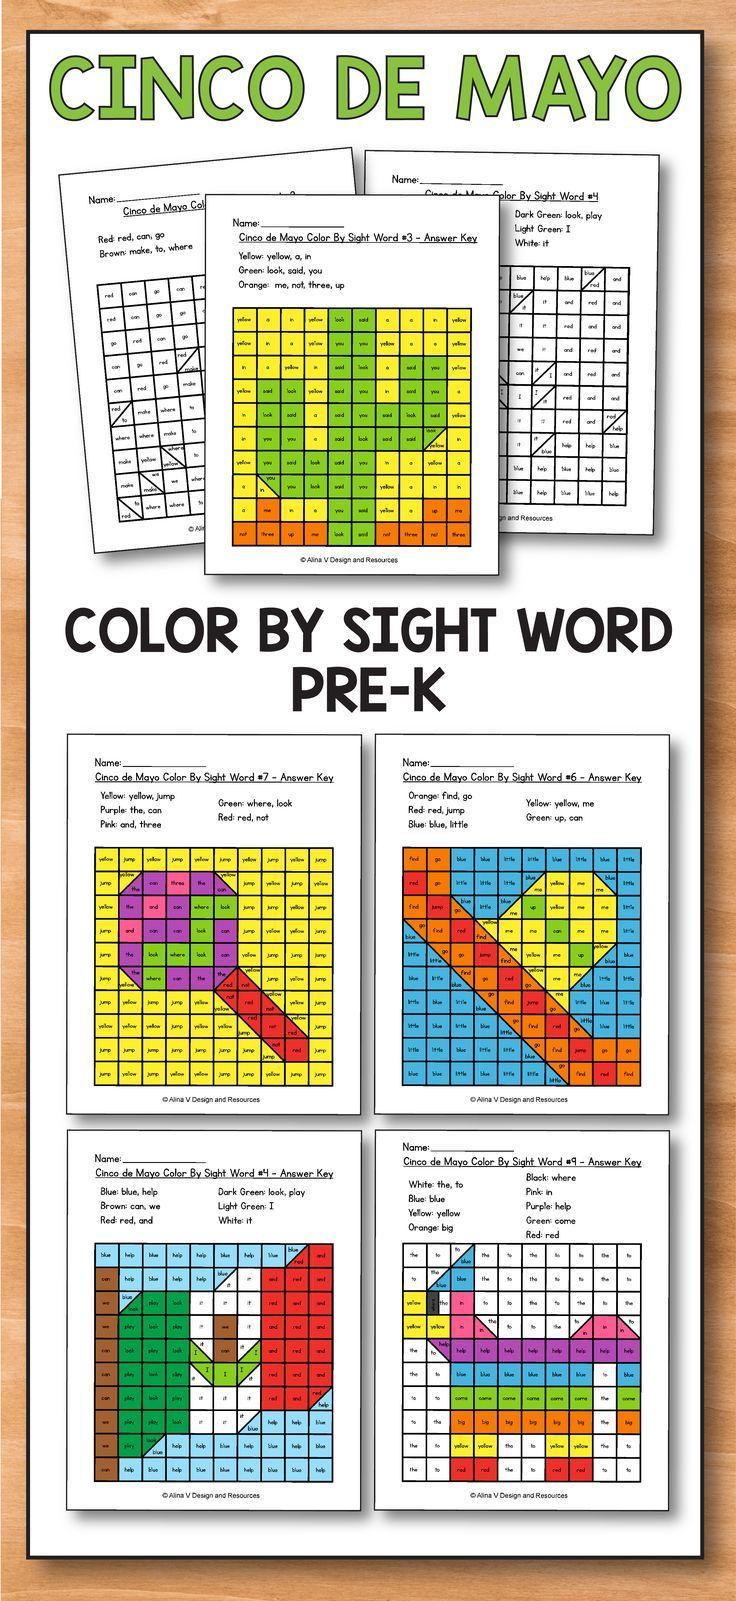 Cinco De Mayo Activities For Preschool Cinco De Mayo Coloring Pages Are Perfect For T Kindergarten Worksheets Kindergarten Worksheets Printable Cinco De Mayo [ 1601 x 736 Pixel ]